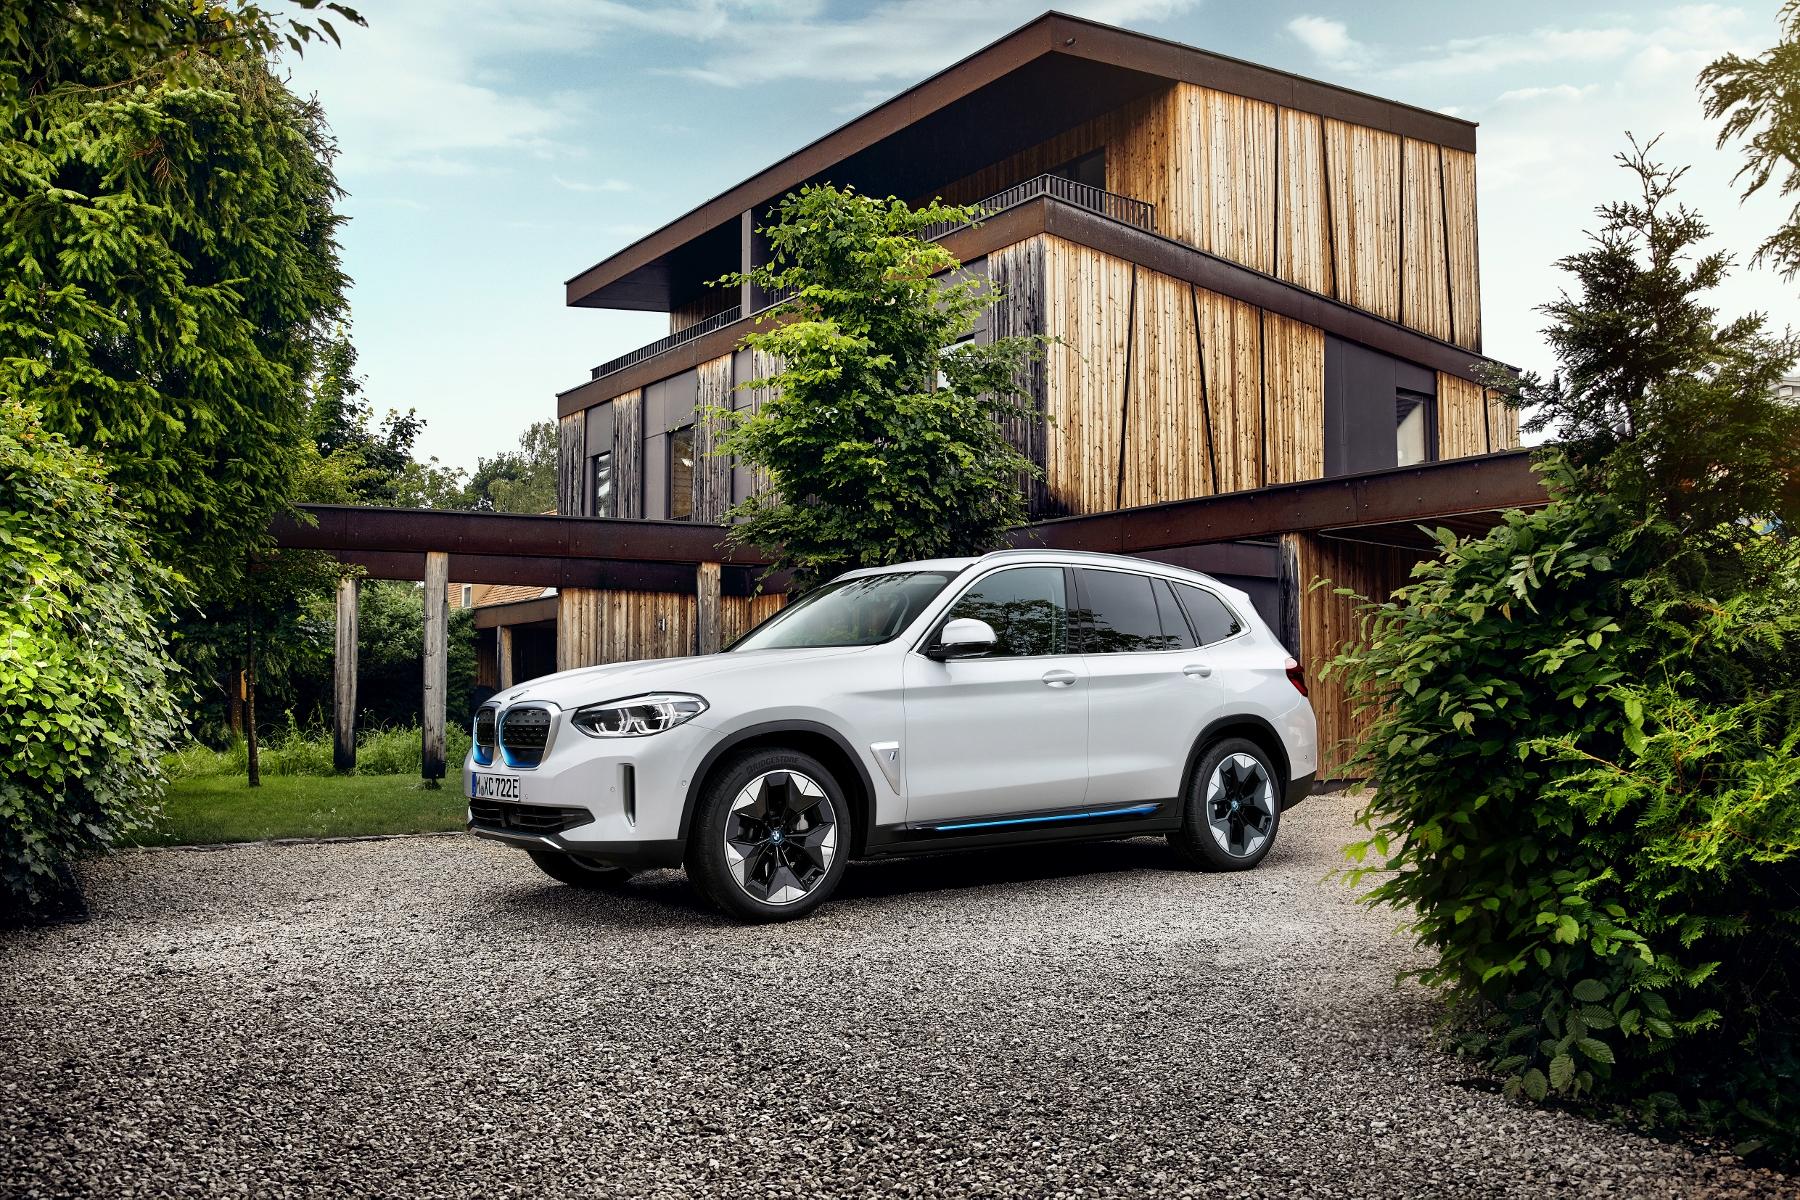 BMW ukázalo elektrické SUV iX3 s dojazdom 459 km fUVQ3I8aPO bmw-ix3-10